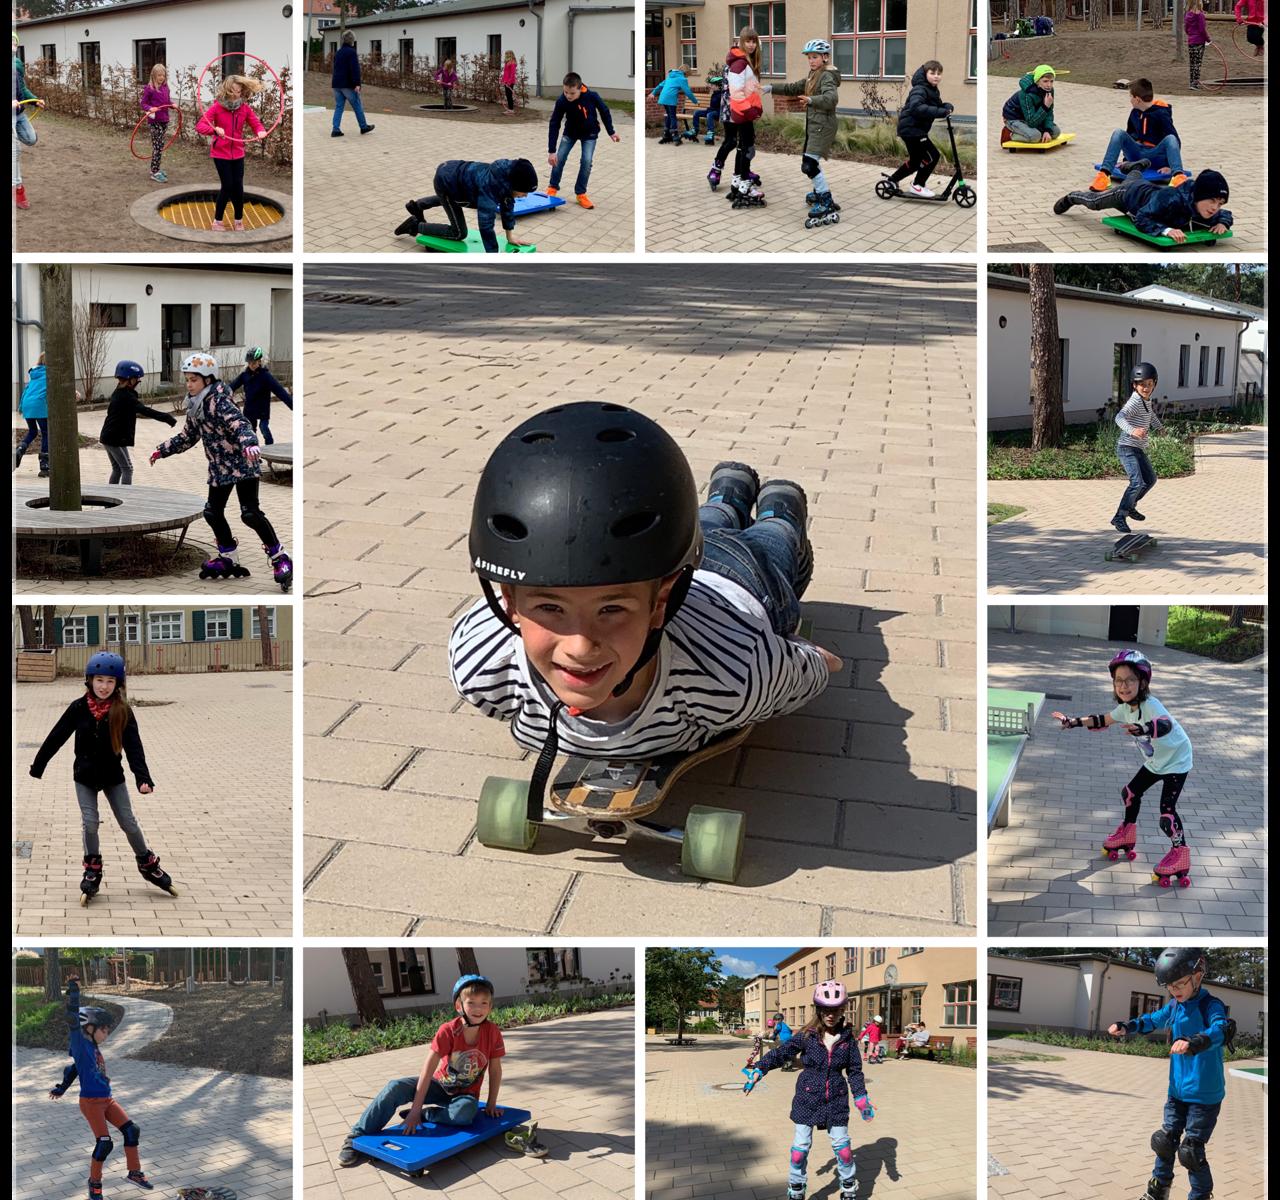 Sportunterricht mal anders - im Wechselunterricht